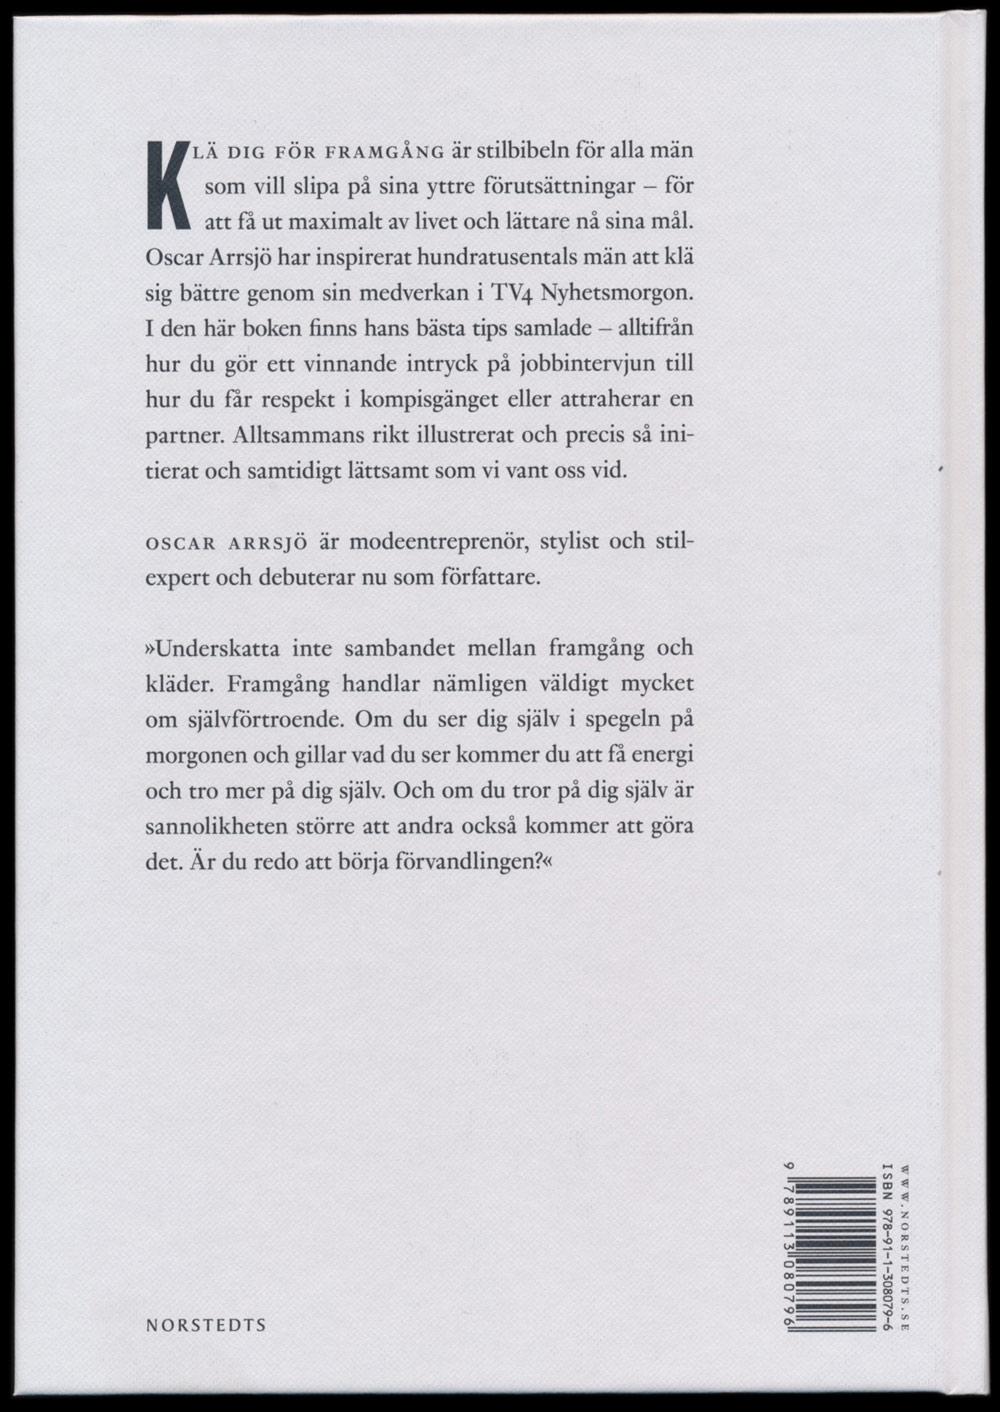 Klä dig för framgång med Oscar Arrsjö